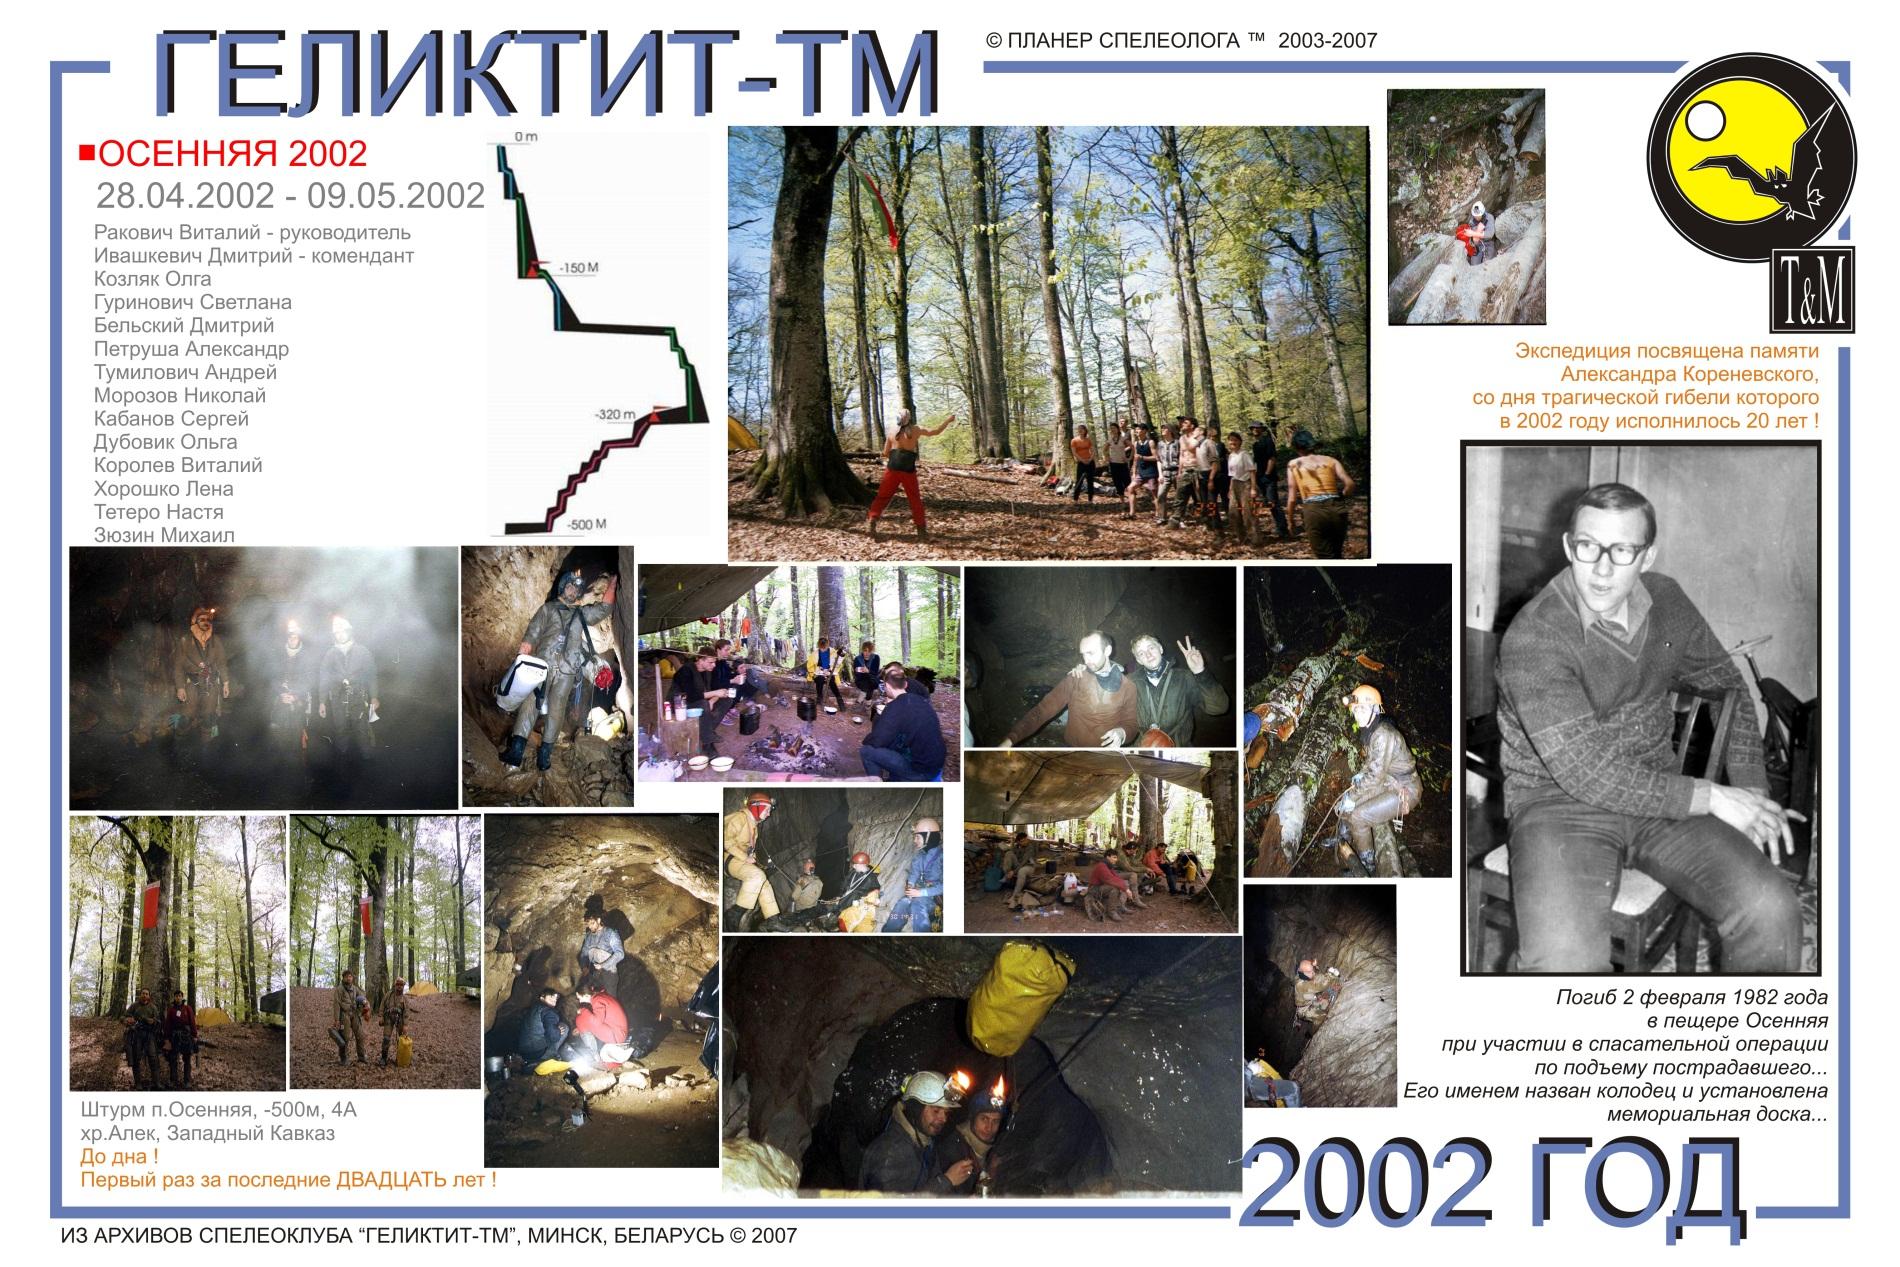 Алек 2002 год